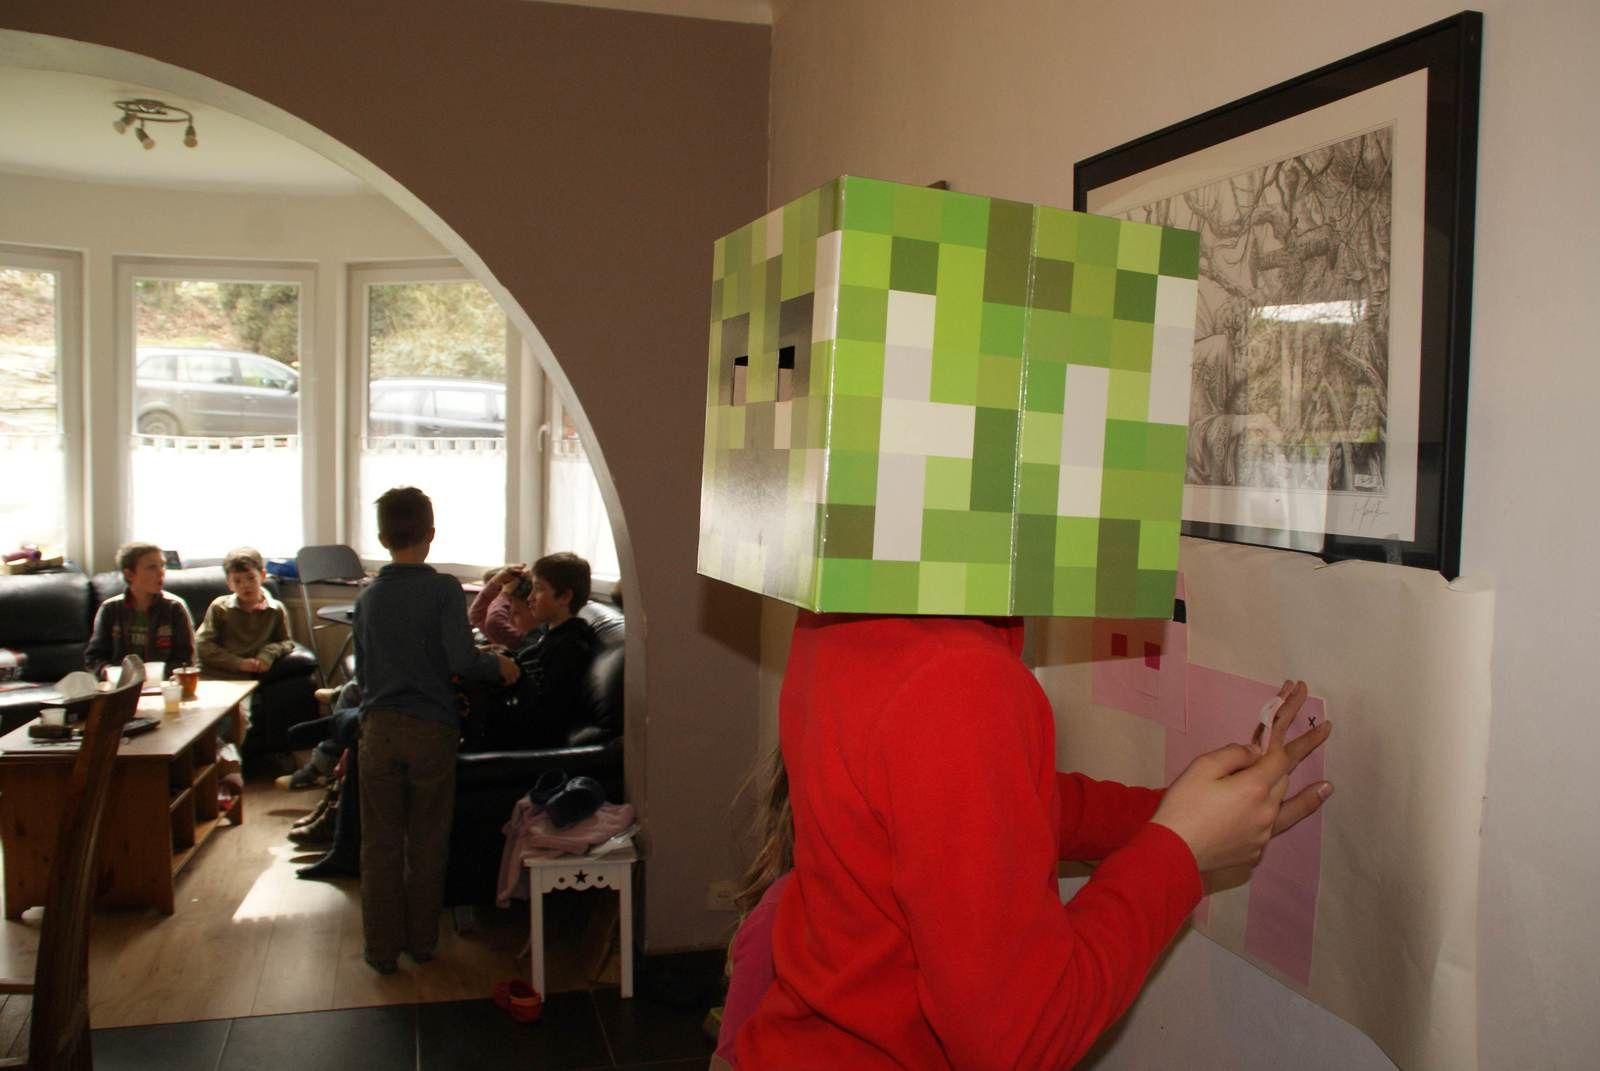 On essaie de lui remettre la queue les yeux bandés ou du moins avec les masque du creeper à l'envers sur la tête!